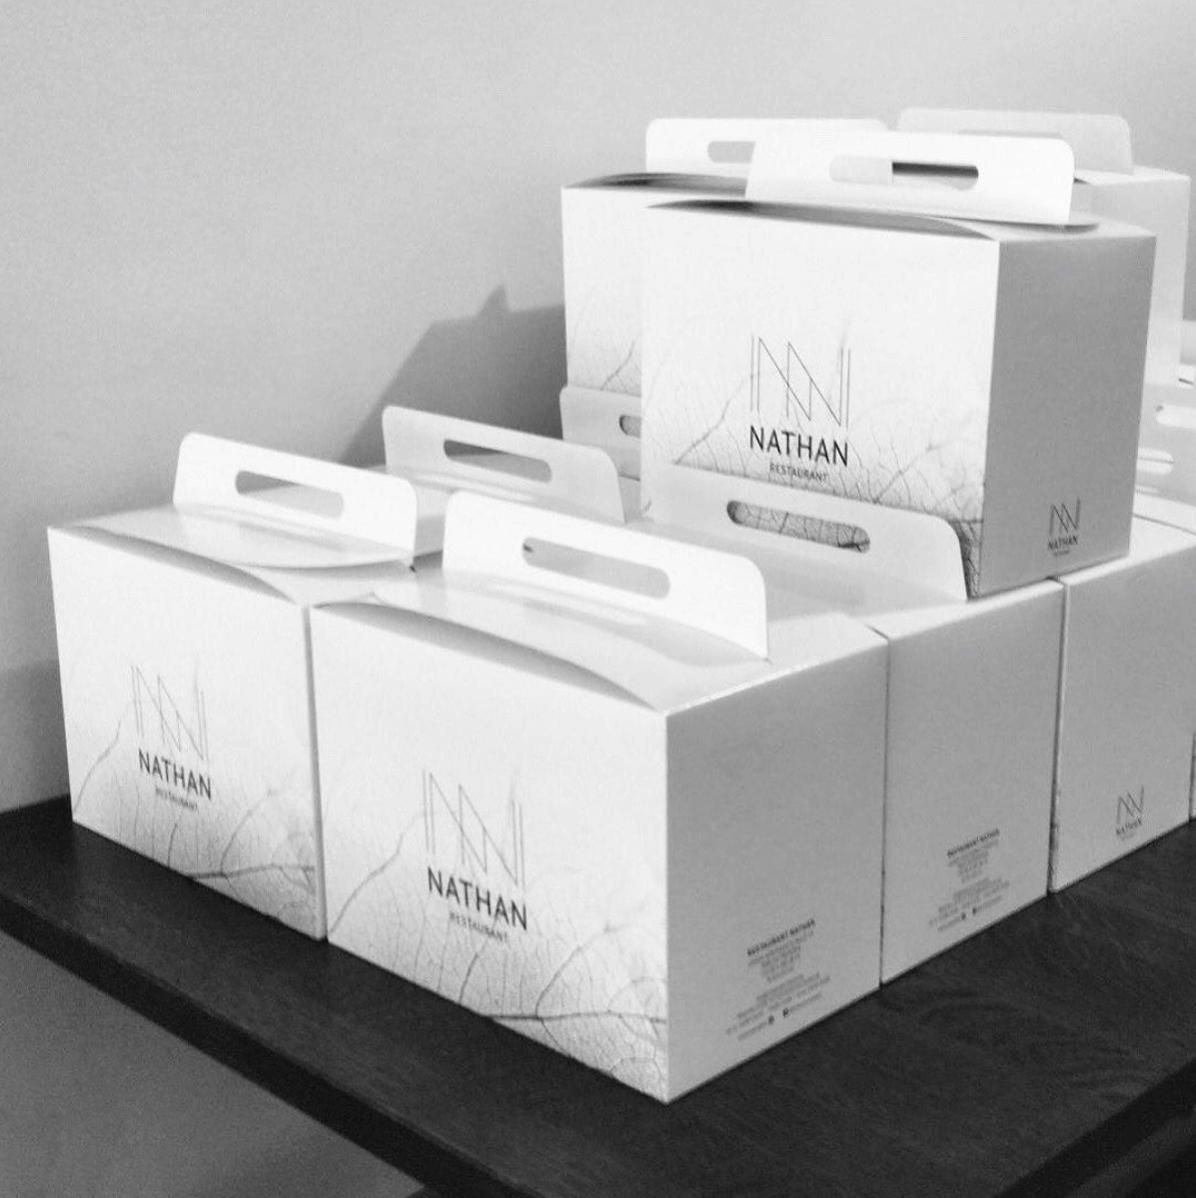 Nathan box 02